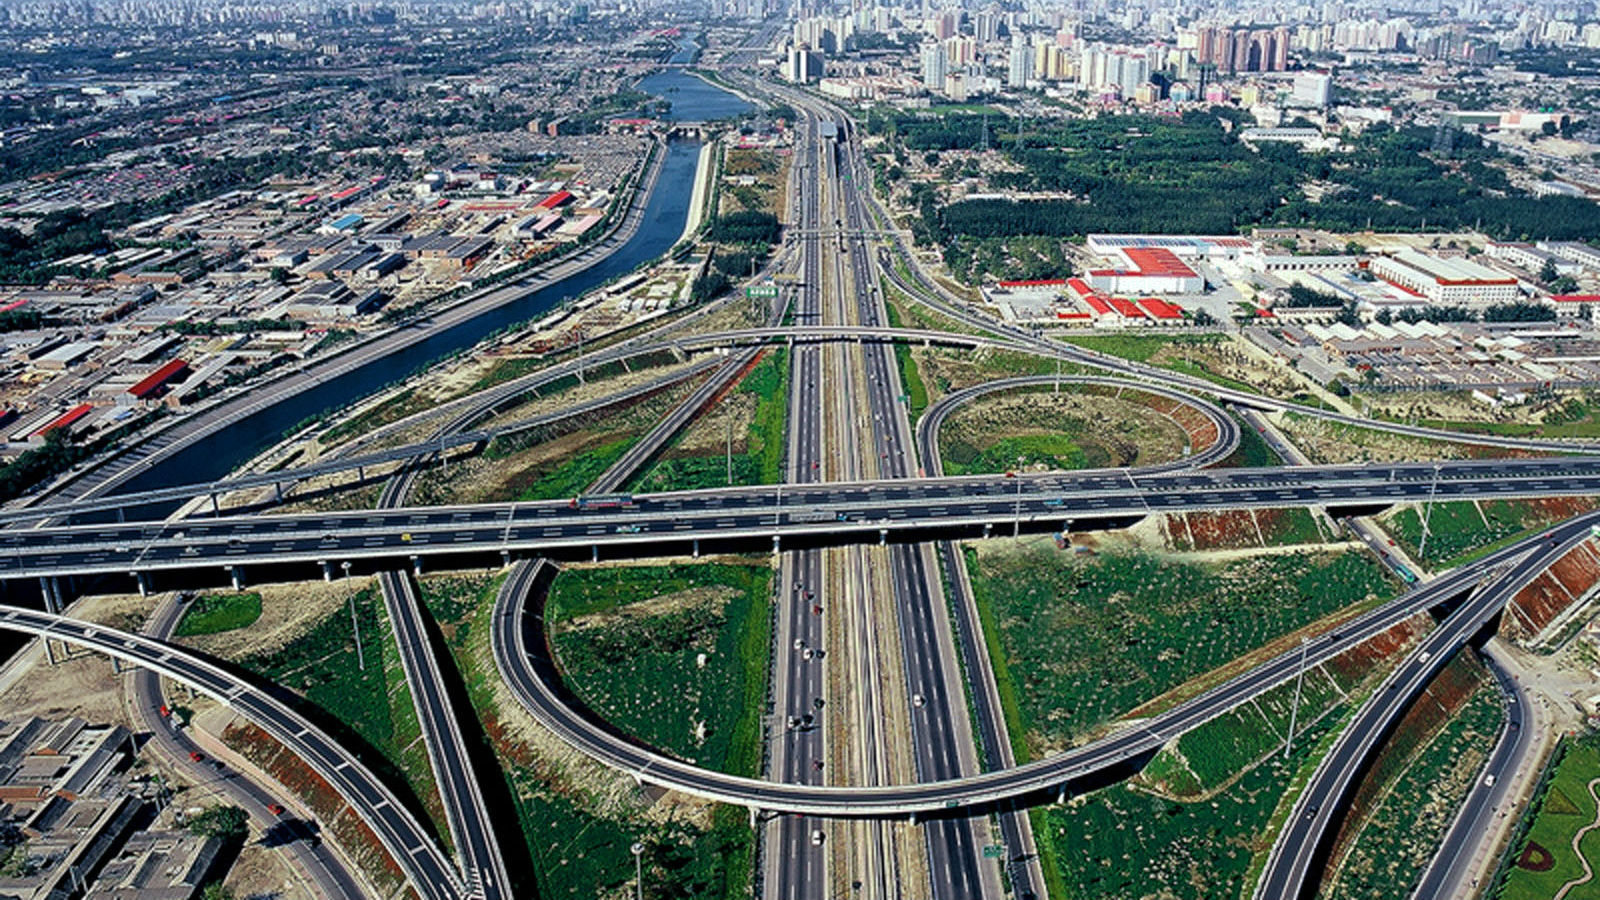 硅谷的未来在中国!西媒:中国成全球创新企业最佳落脚点